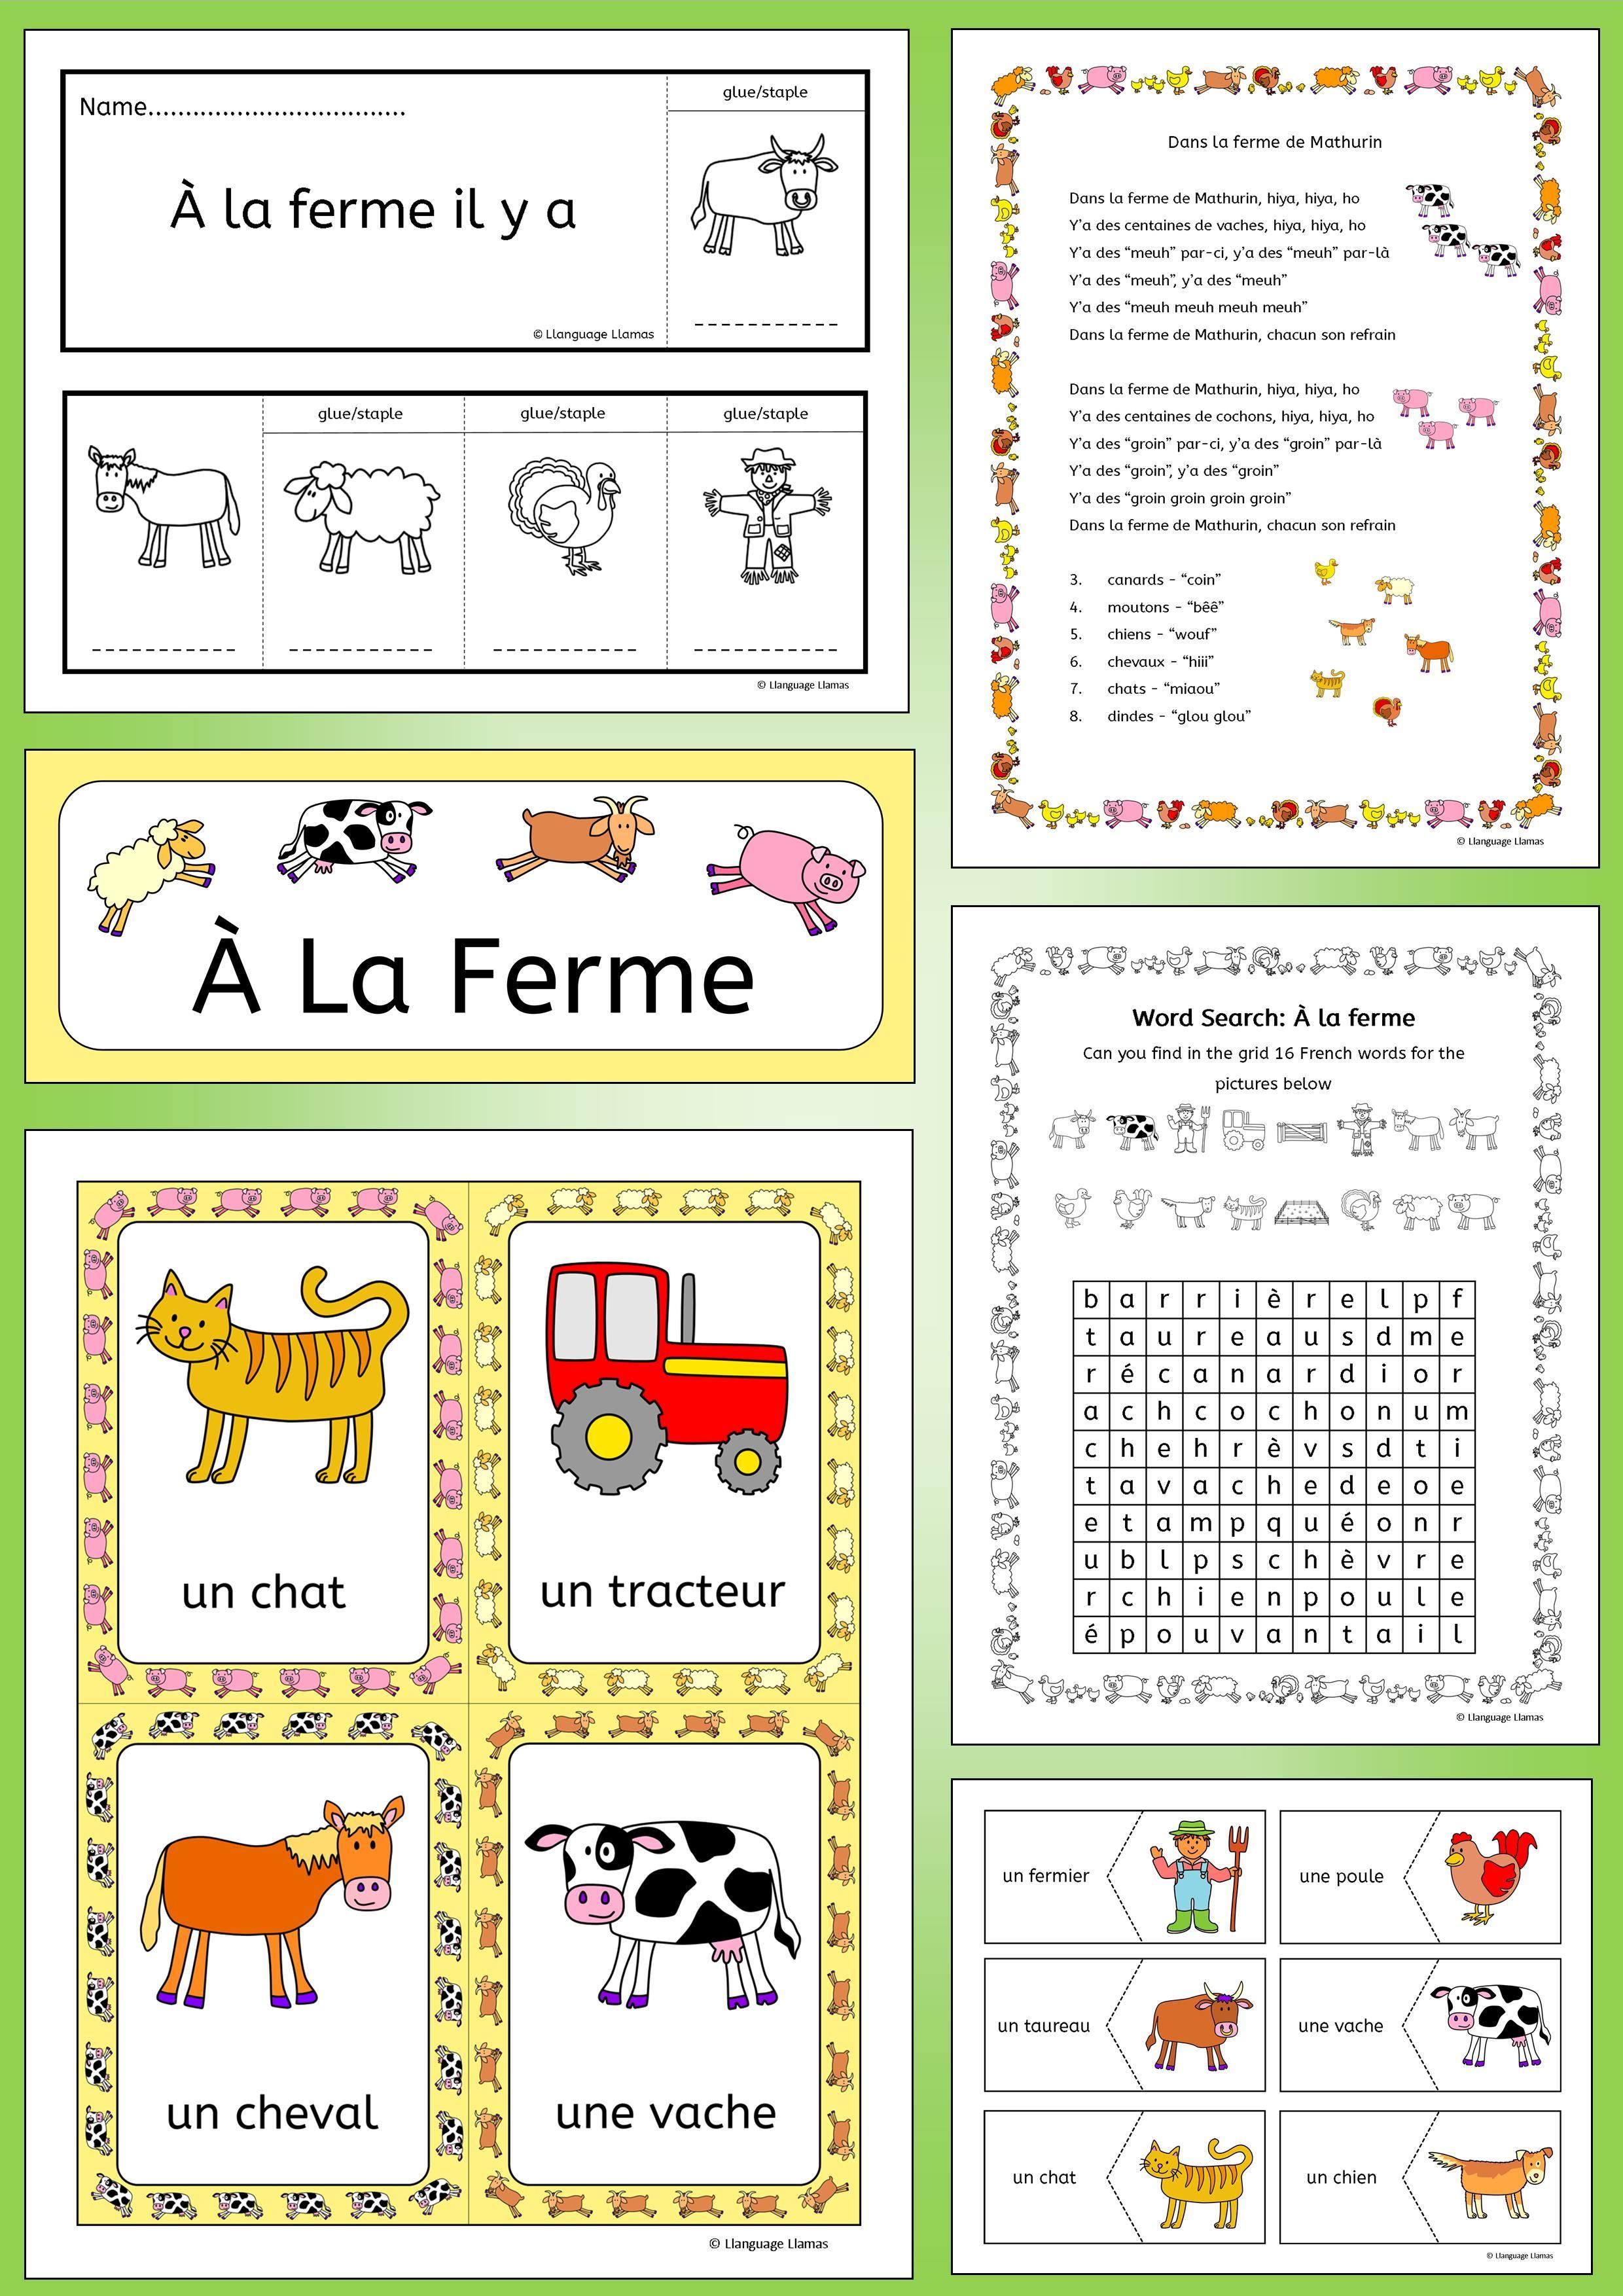 French F Rm Nd F Rm Nim Ls Voc Bul Ry À L Ferme Book